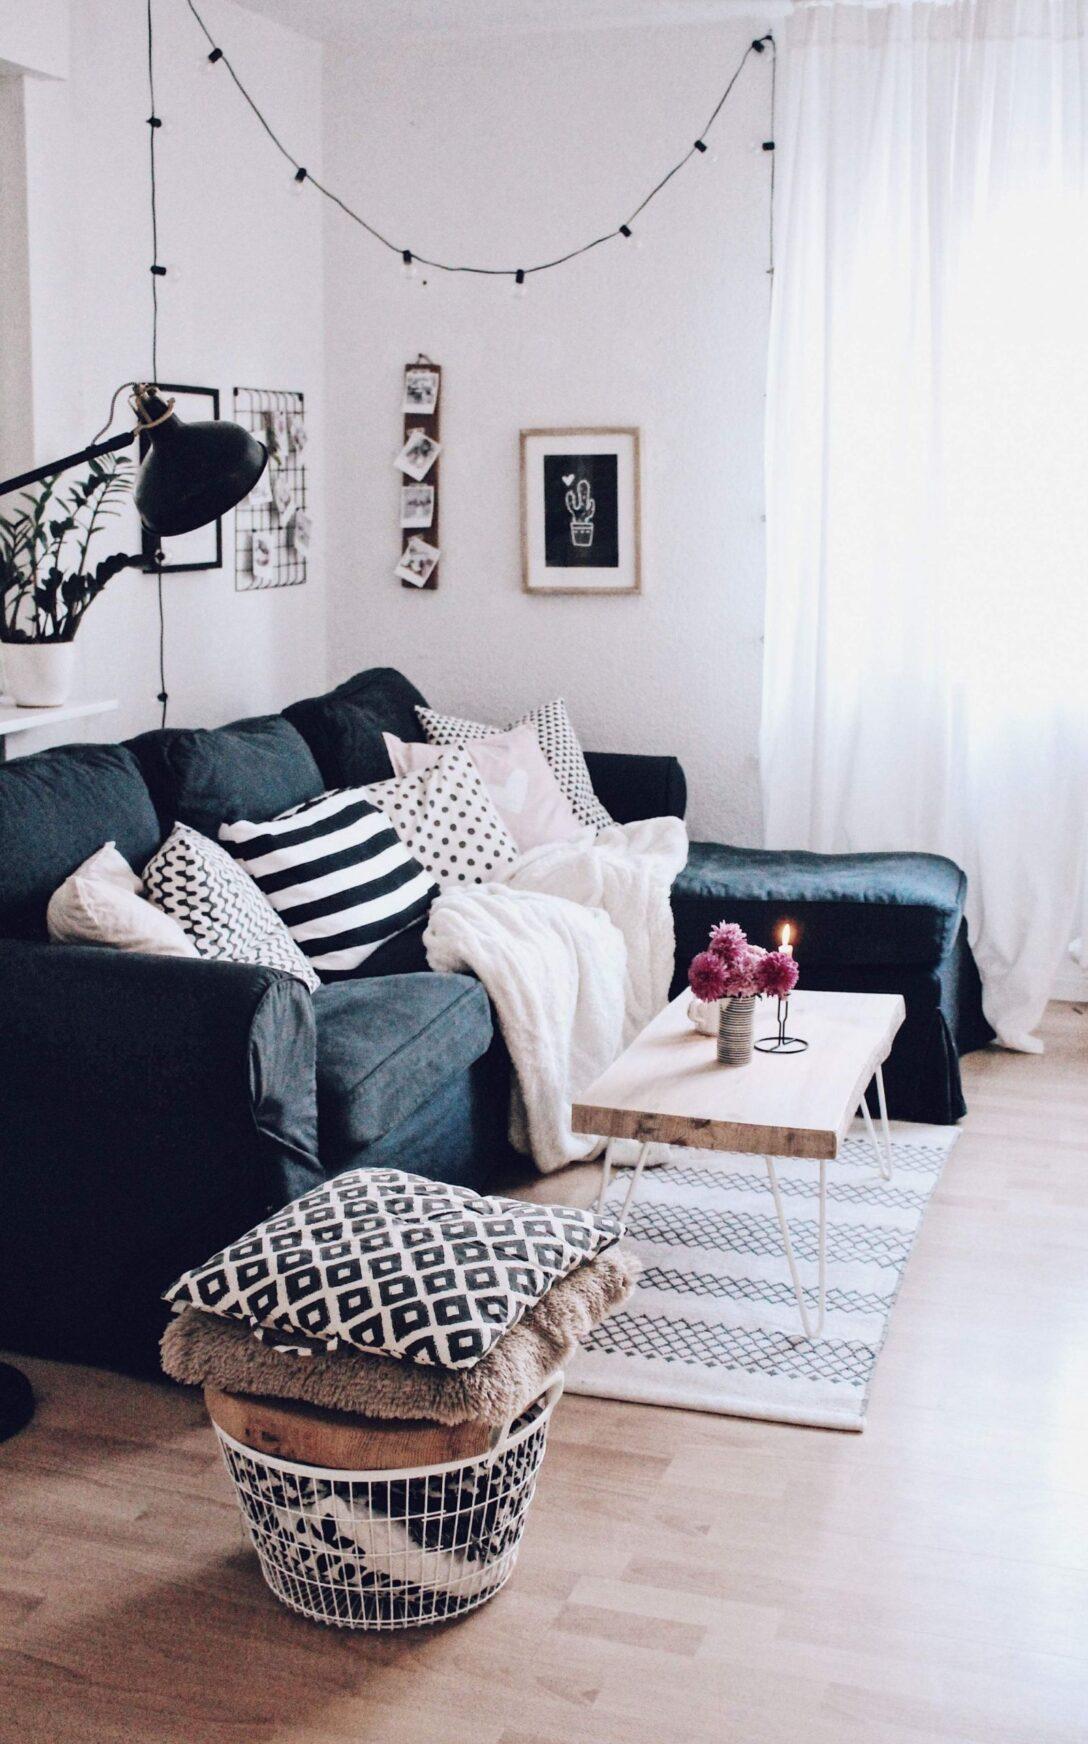 Large Size of Skandinavische Wohnzimmer Schn Skandinavisch Elegant Deckenlampe Schlafzimmer Bad Deckenlampen Bett Küche Für Esstisch Modern Wohnzimmer Deckenlampe Skandinavisch